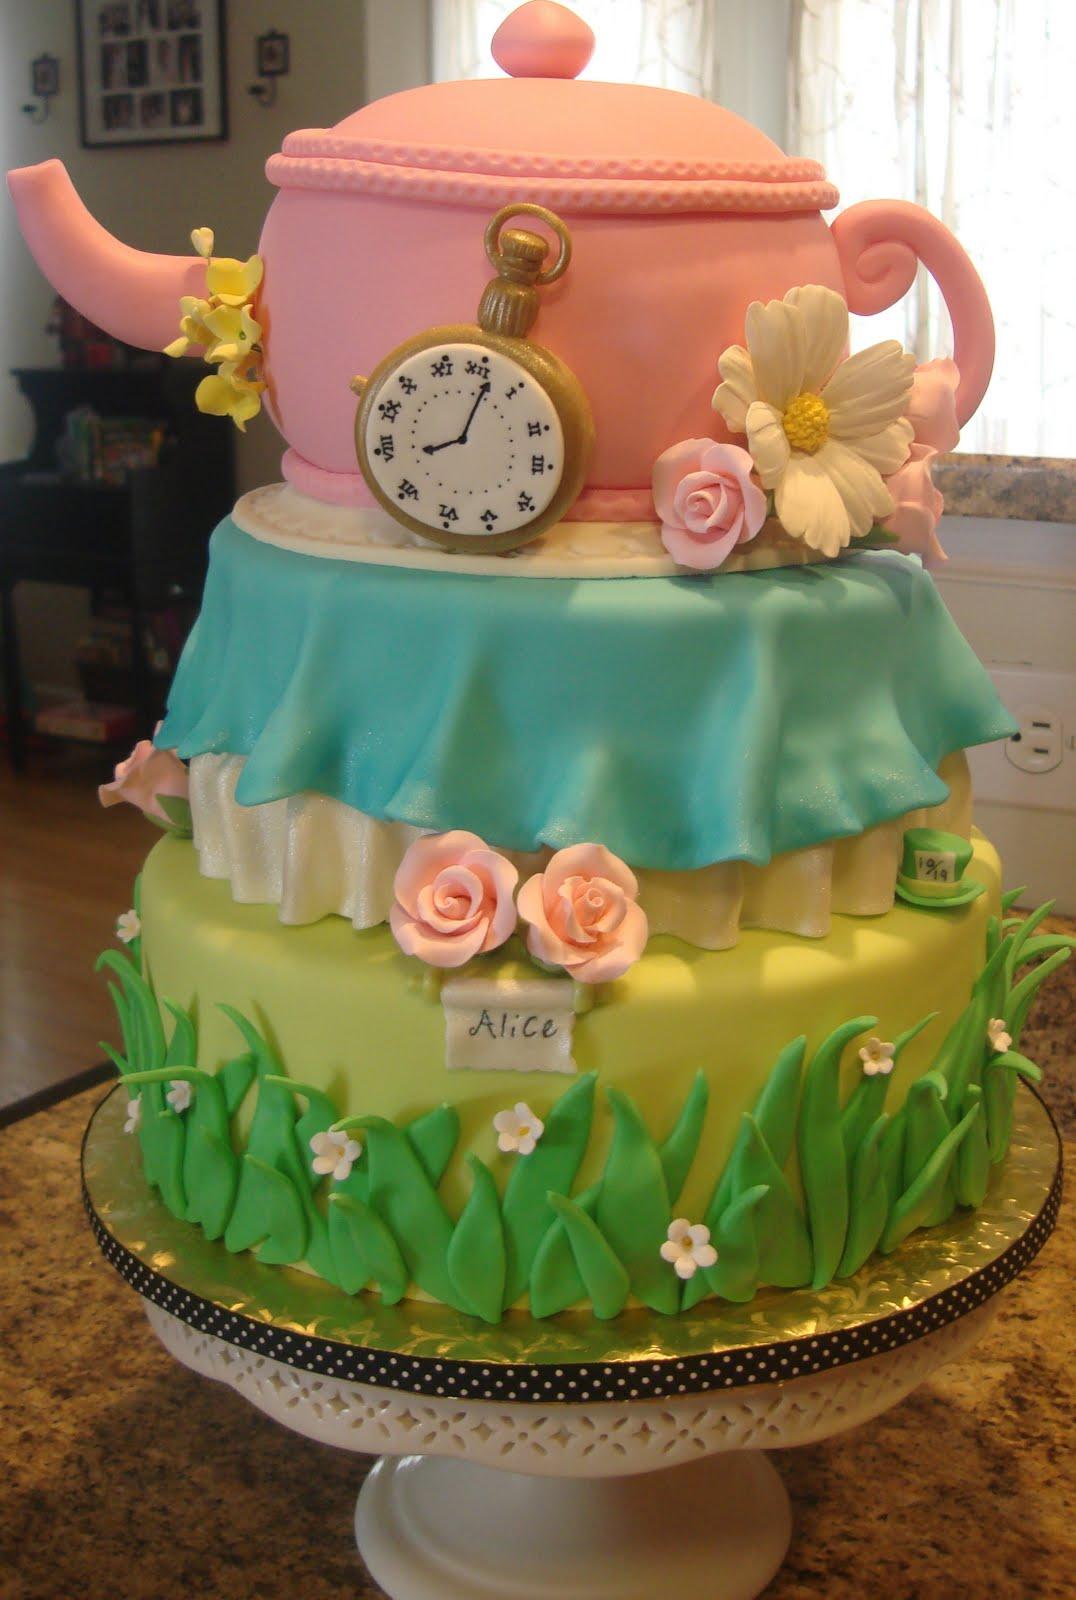 debby 39 s cakes an alice in wonderland inspired baby shower cake